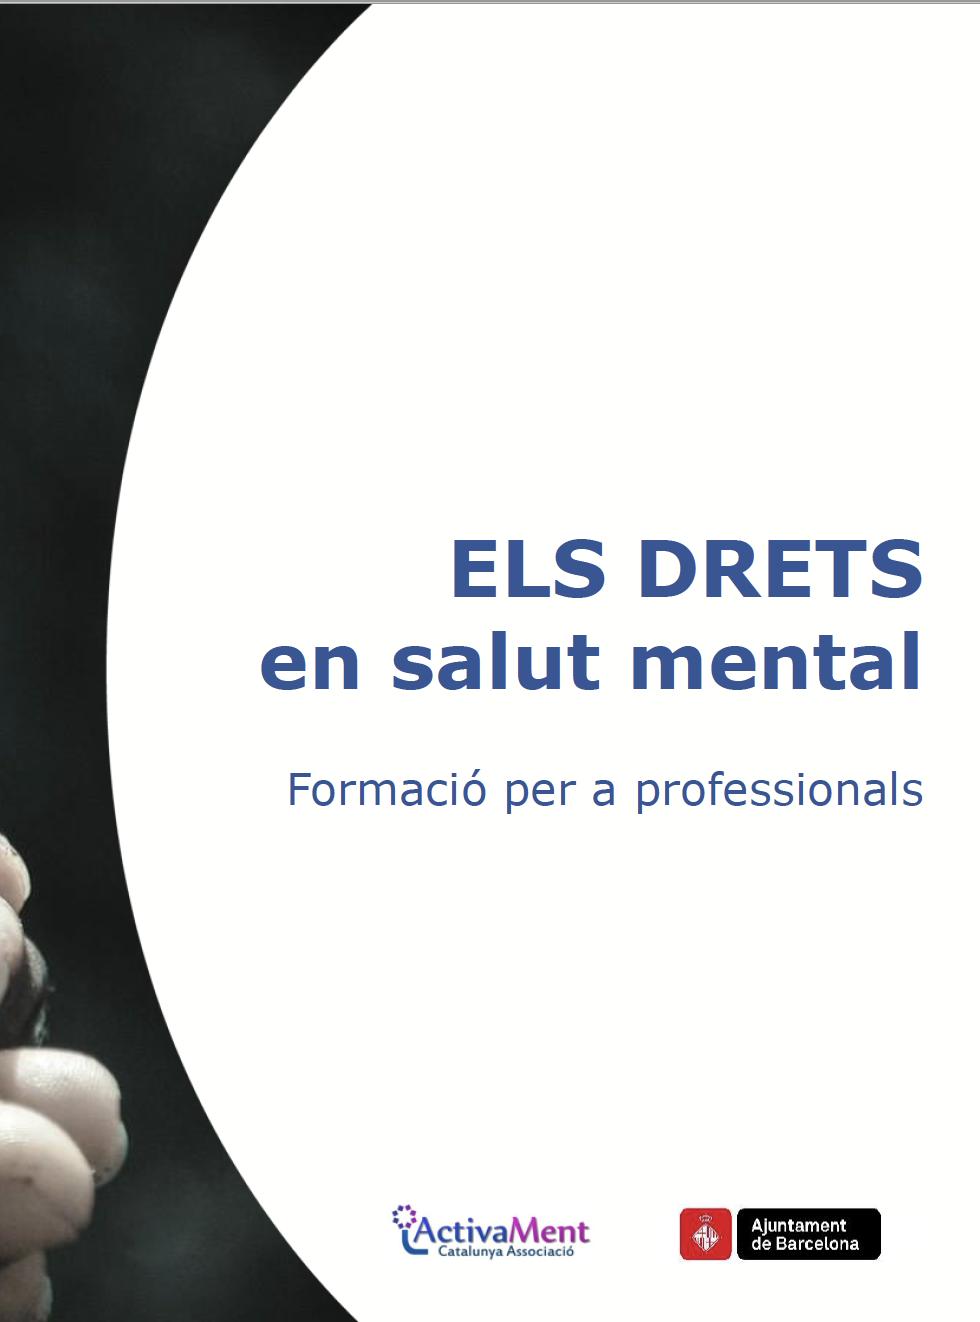 Portada Diapositives Mòdul 4 Dossier Formació i Sensibilització Professionals - Drets